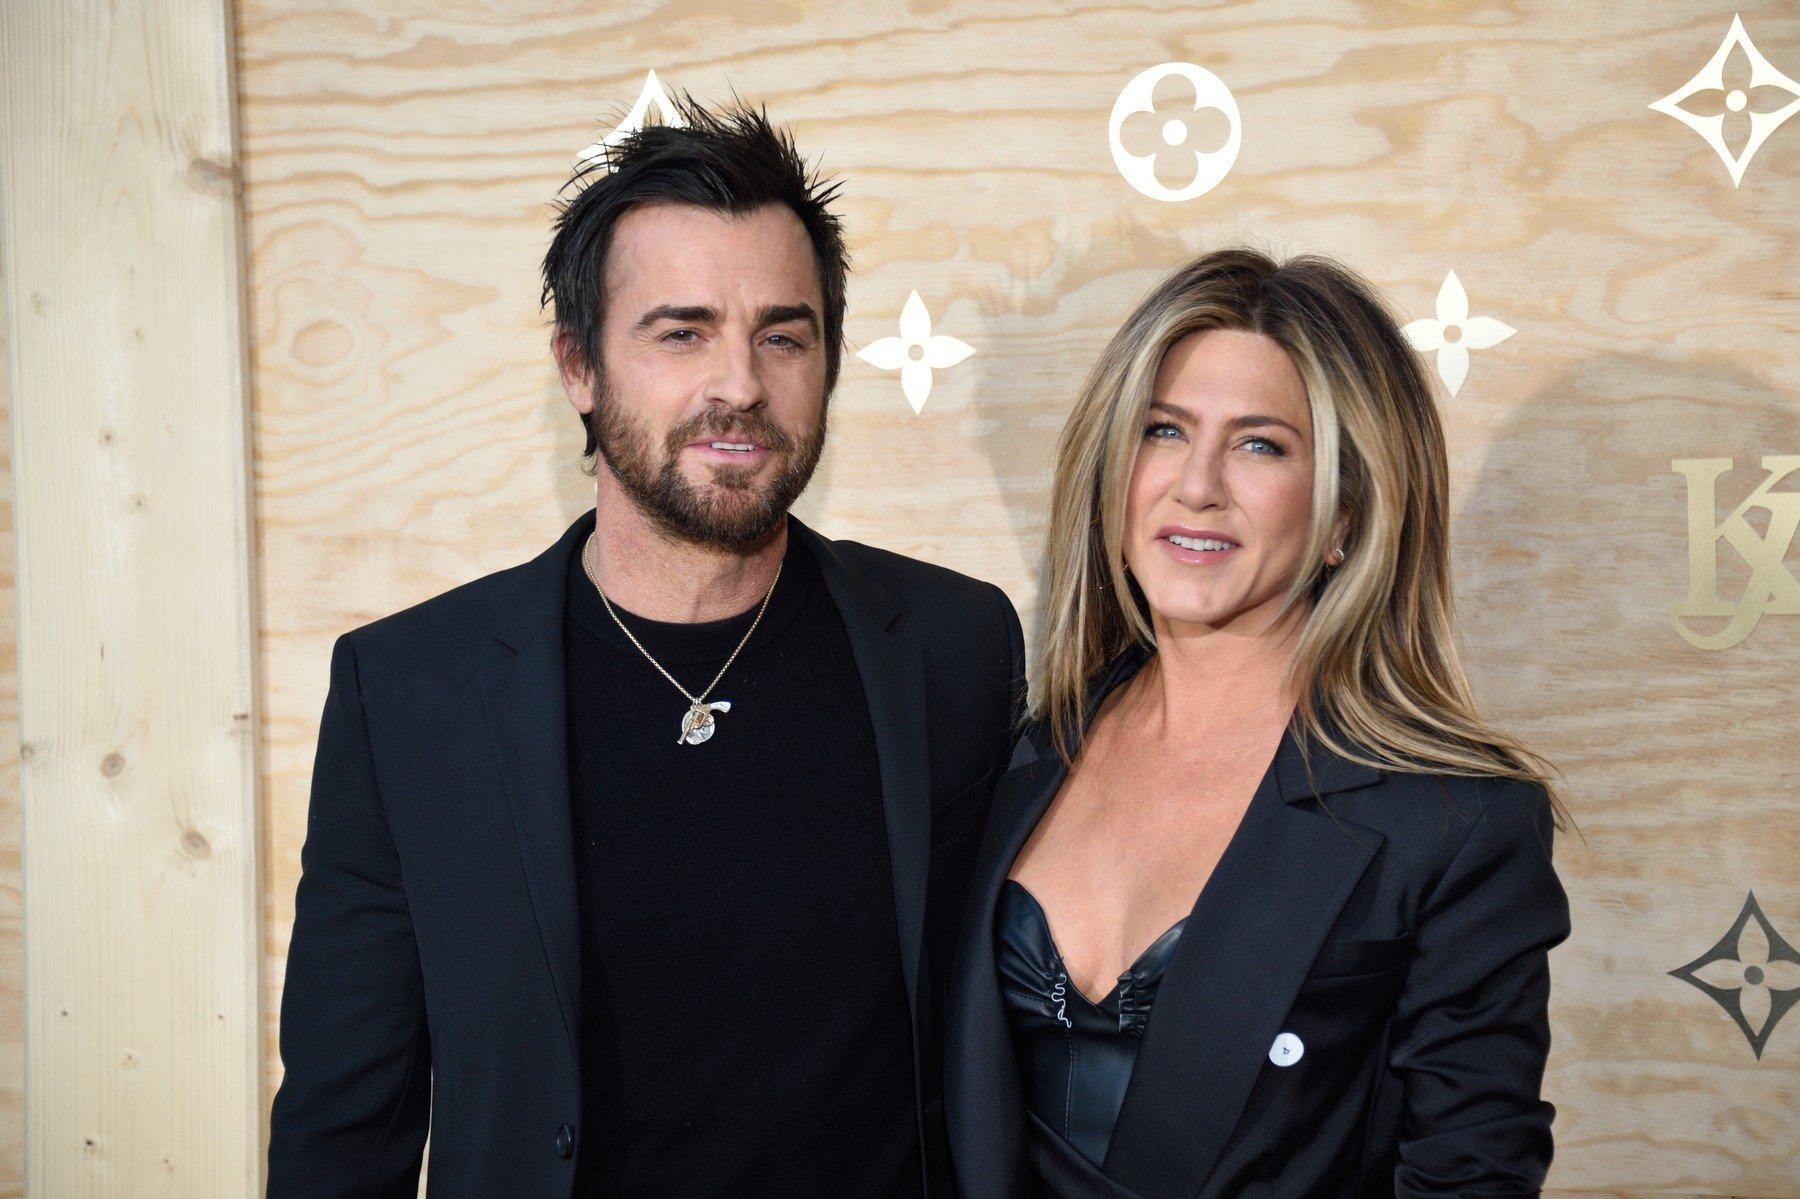 celebrity randění ne celebrity elektrické připojení caldera spa